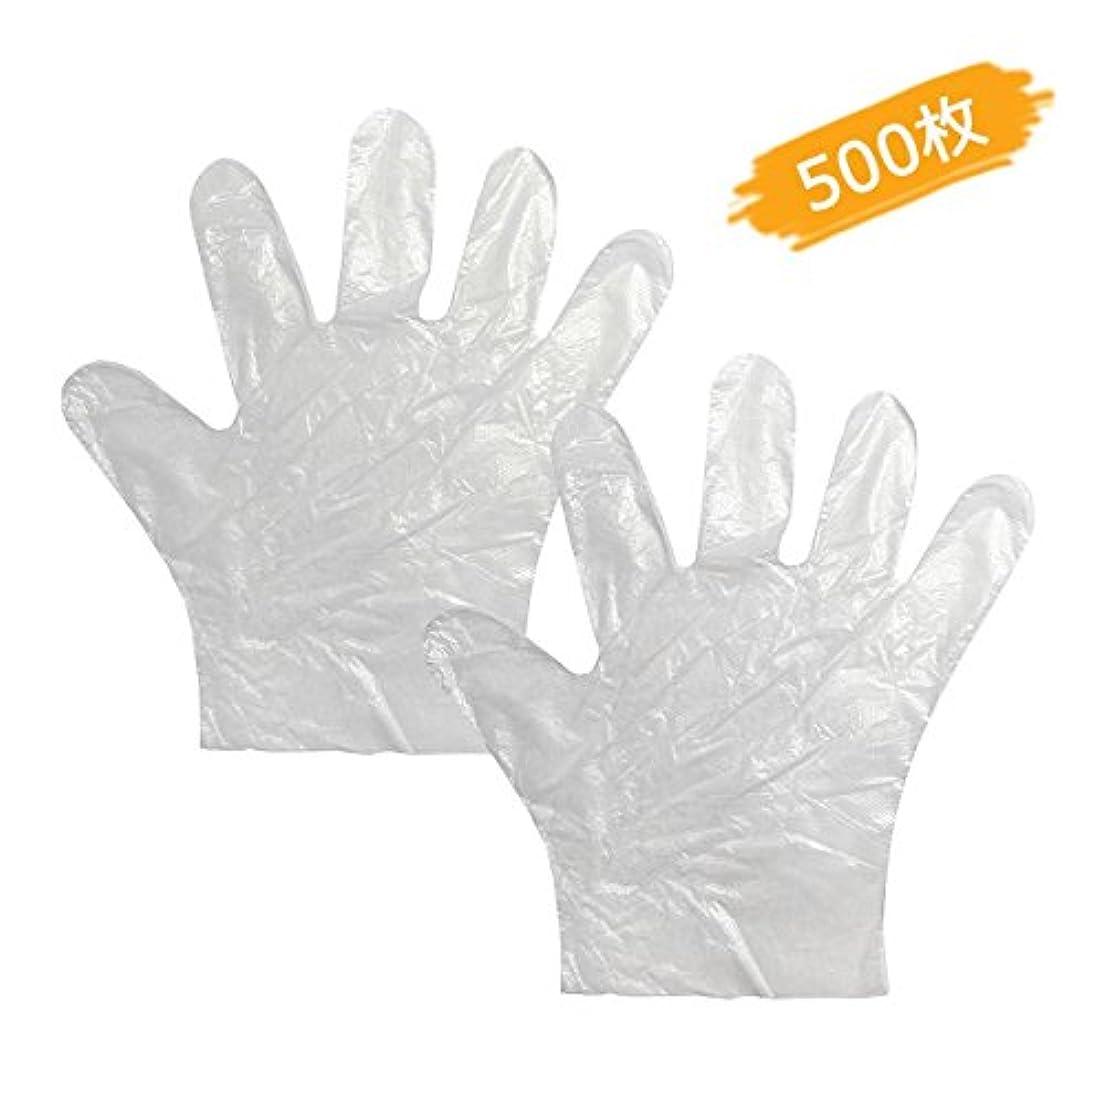 くつろぎ我慢するペレグリネーション使い捨て手袋 プラスティック手袋 極薄ビニール手袋 調理 透明 実用 500枚入